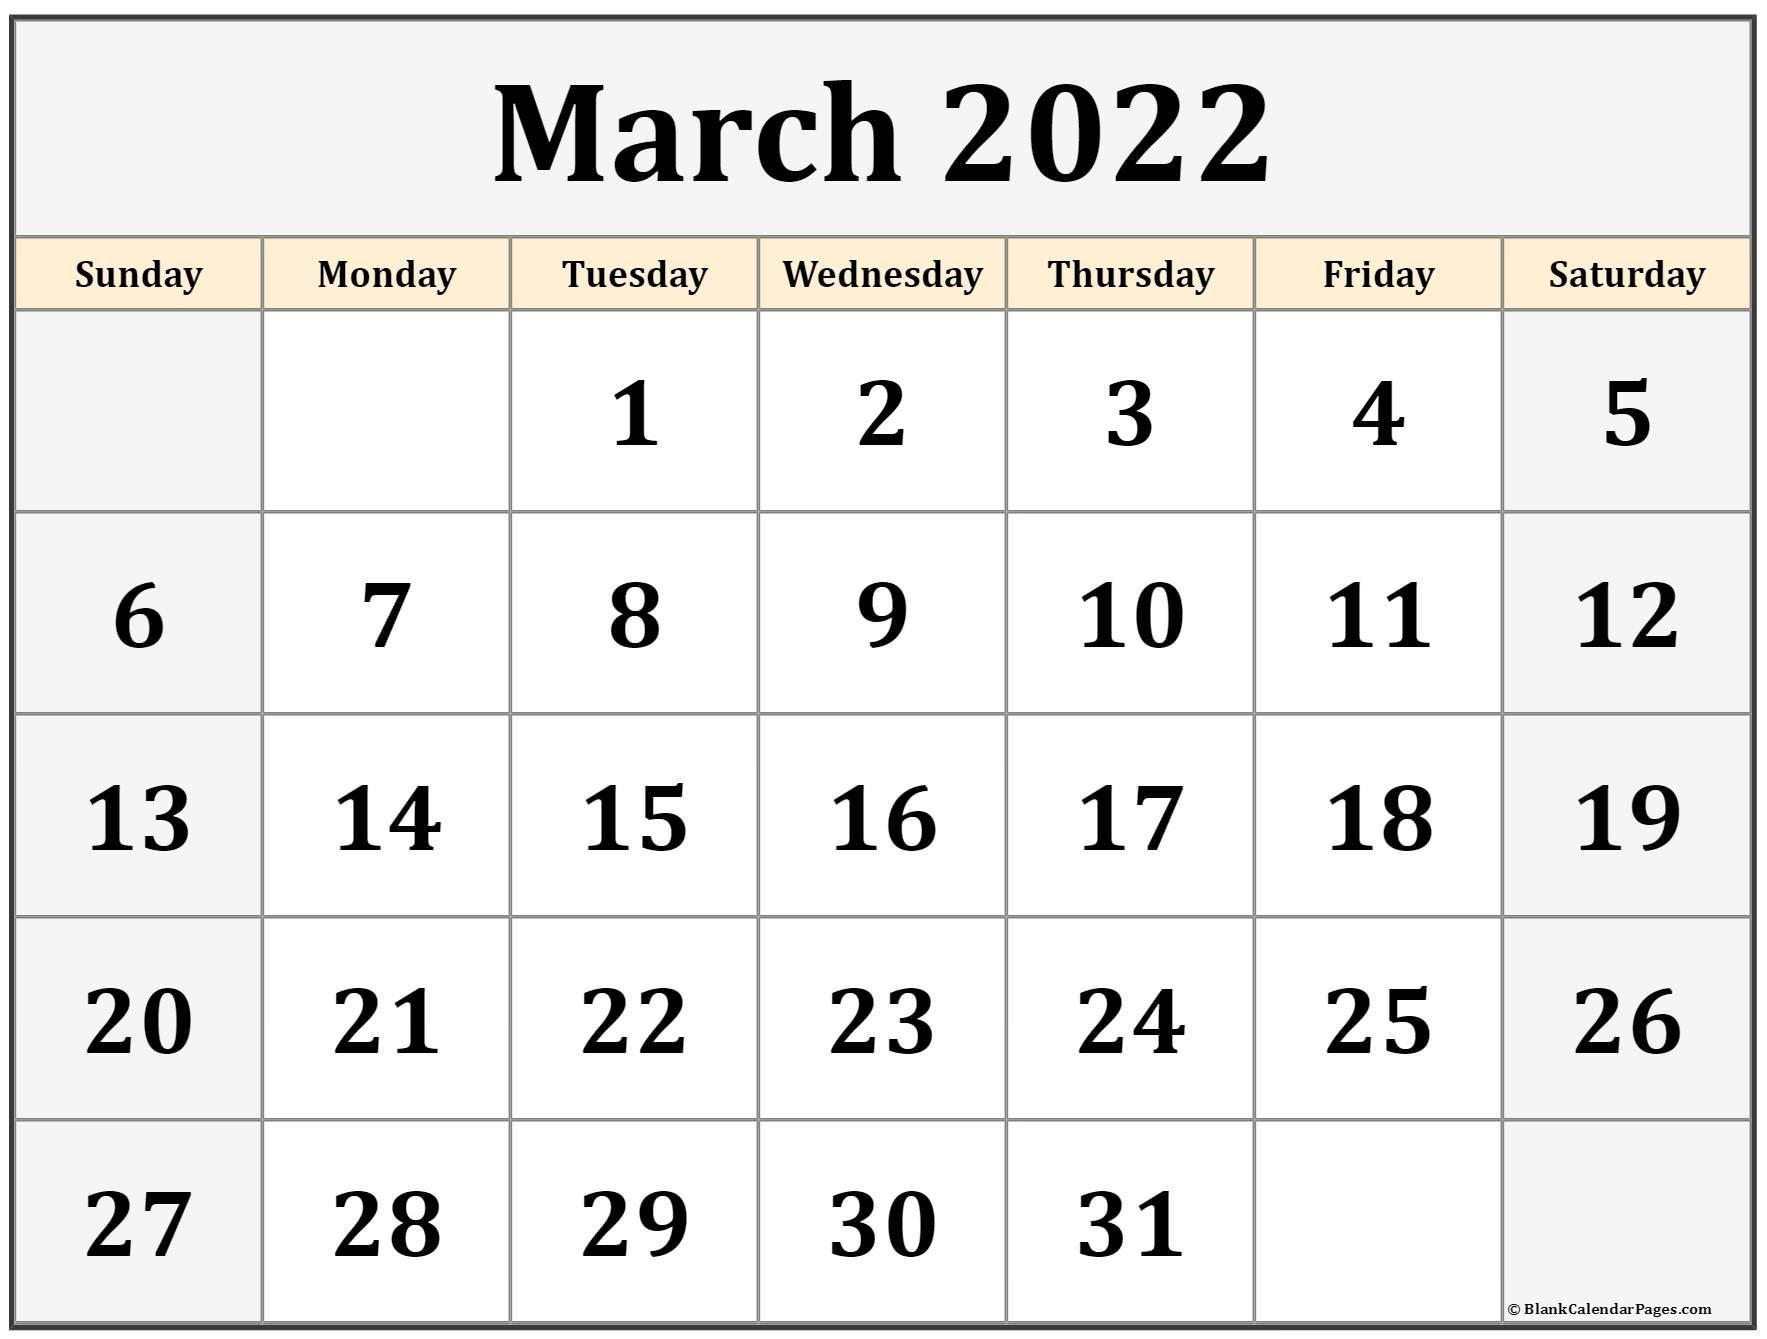 March 2022 Calendar   Free Printable Calendar Templates